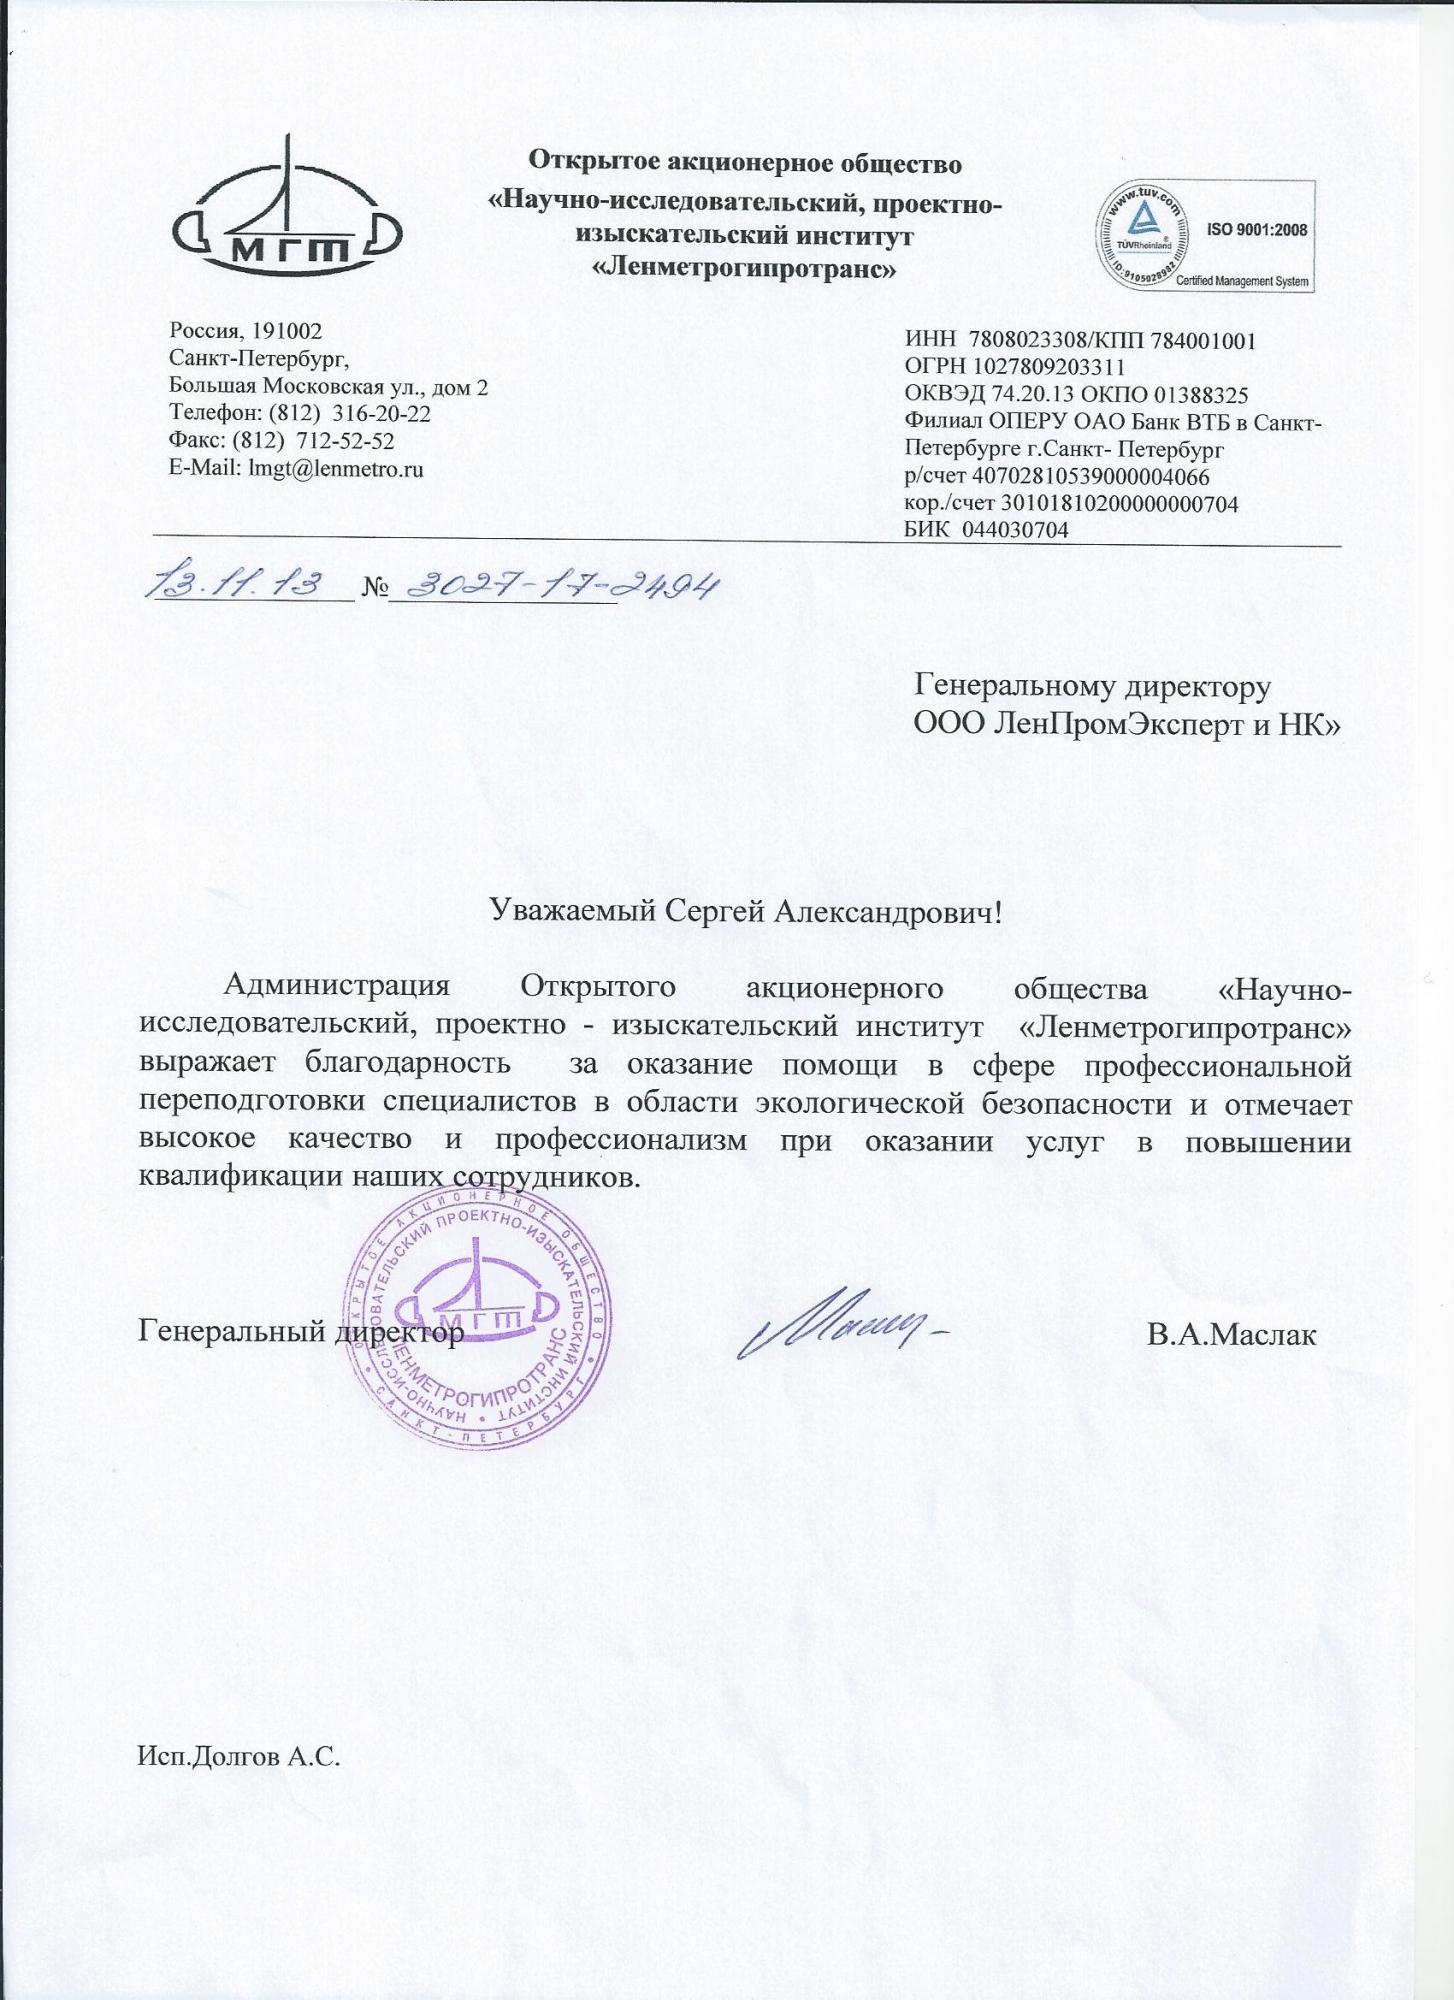 ОАО НИПИИ